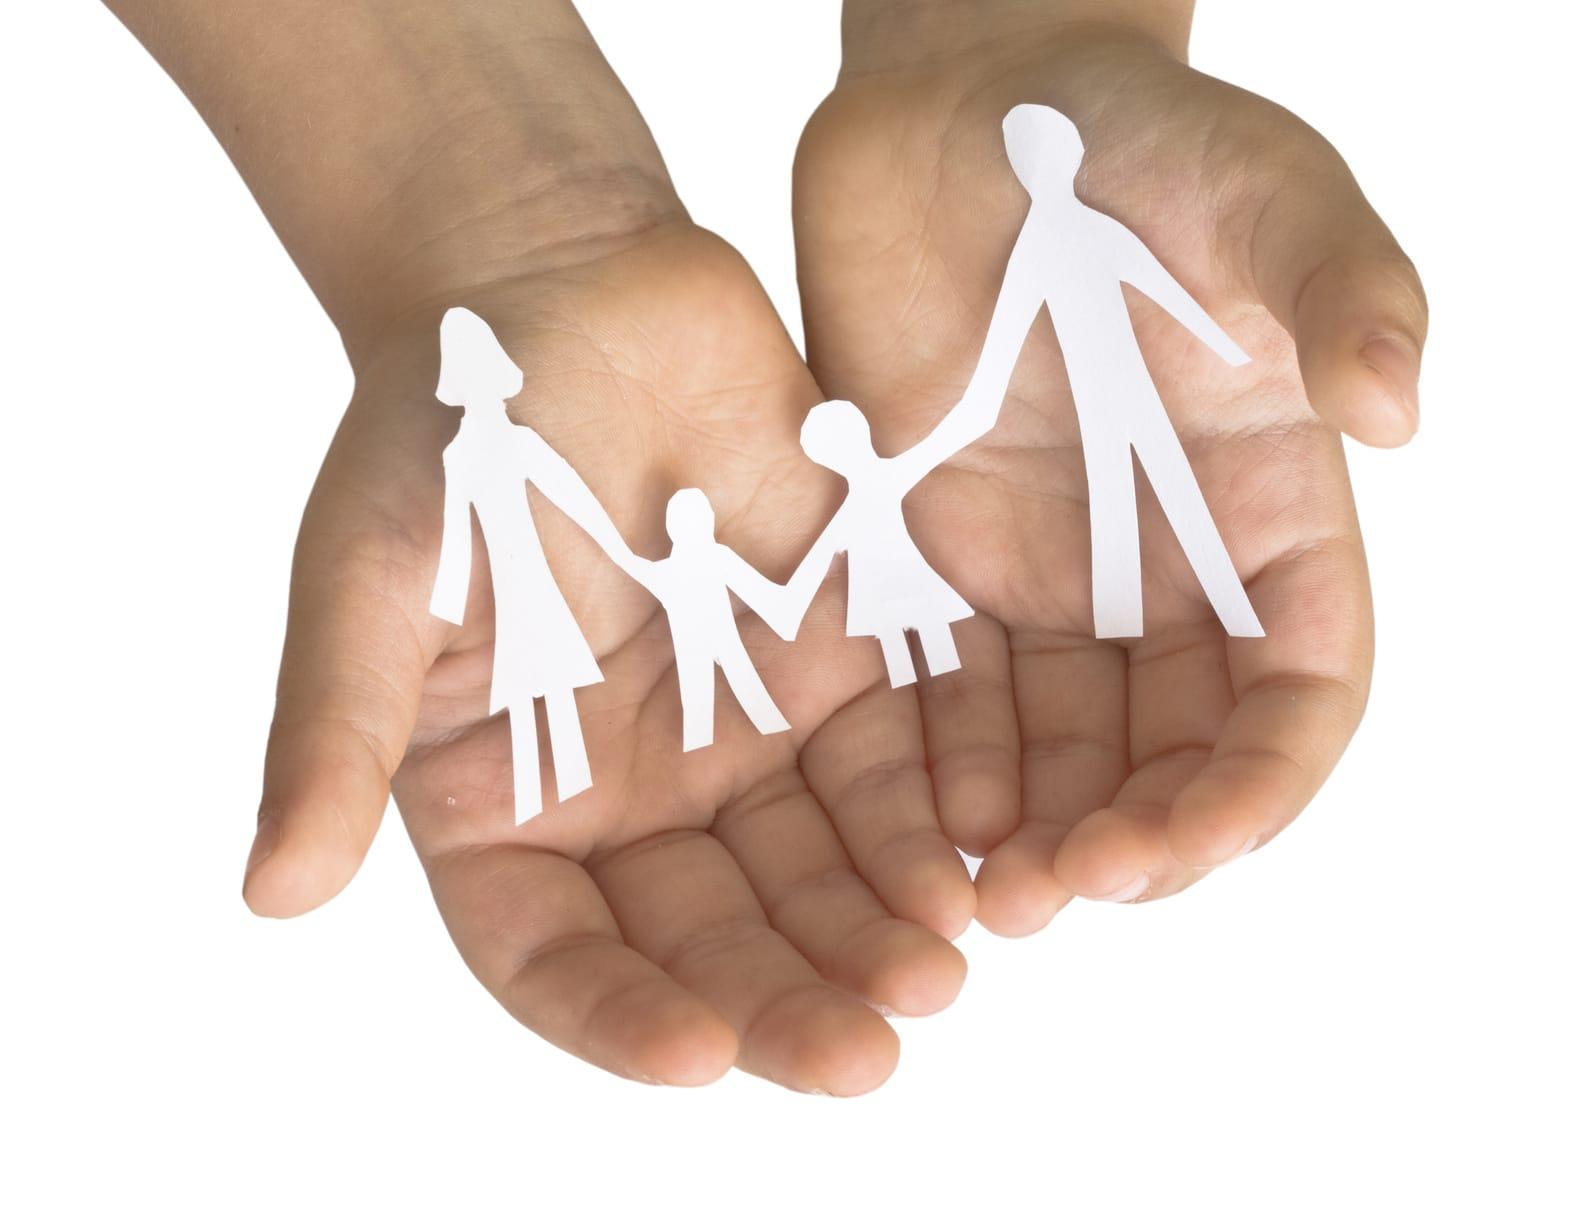 Risparmiare sull'assicurazione vita: tutto quello che devi sapere